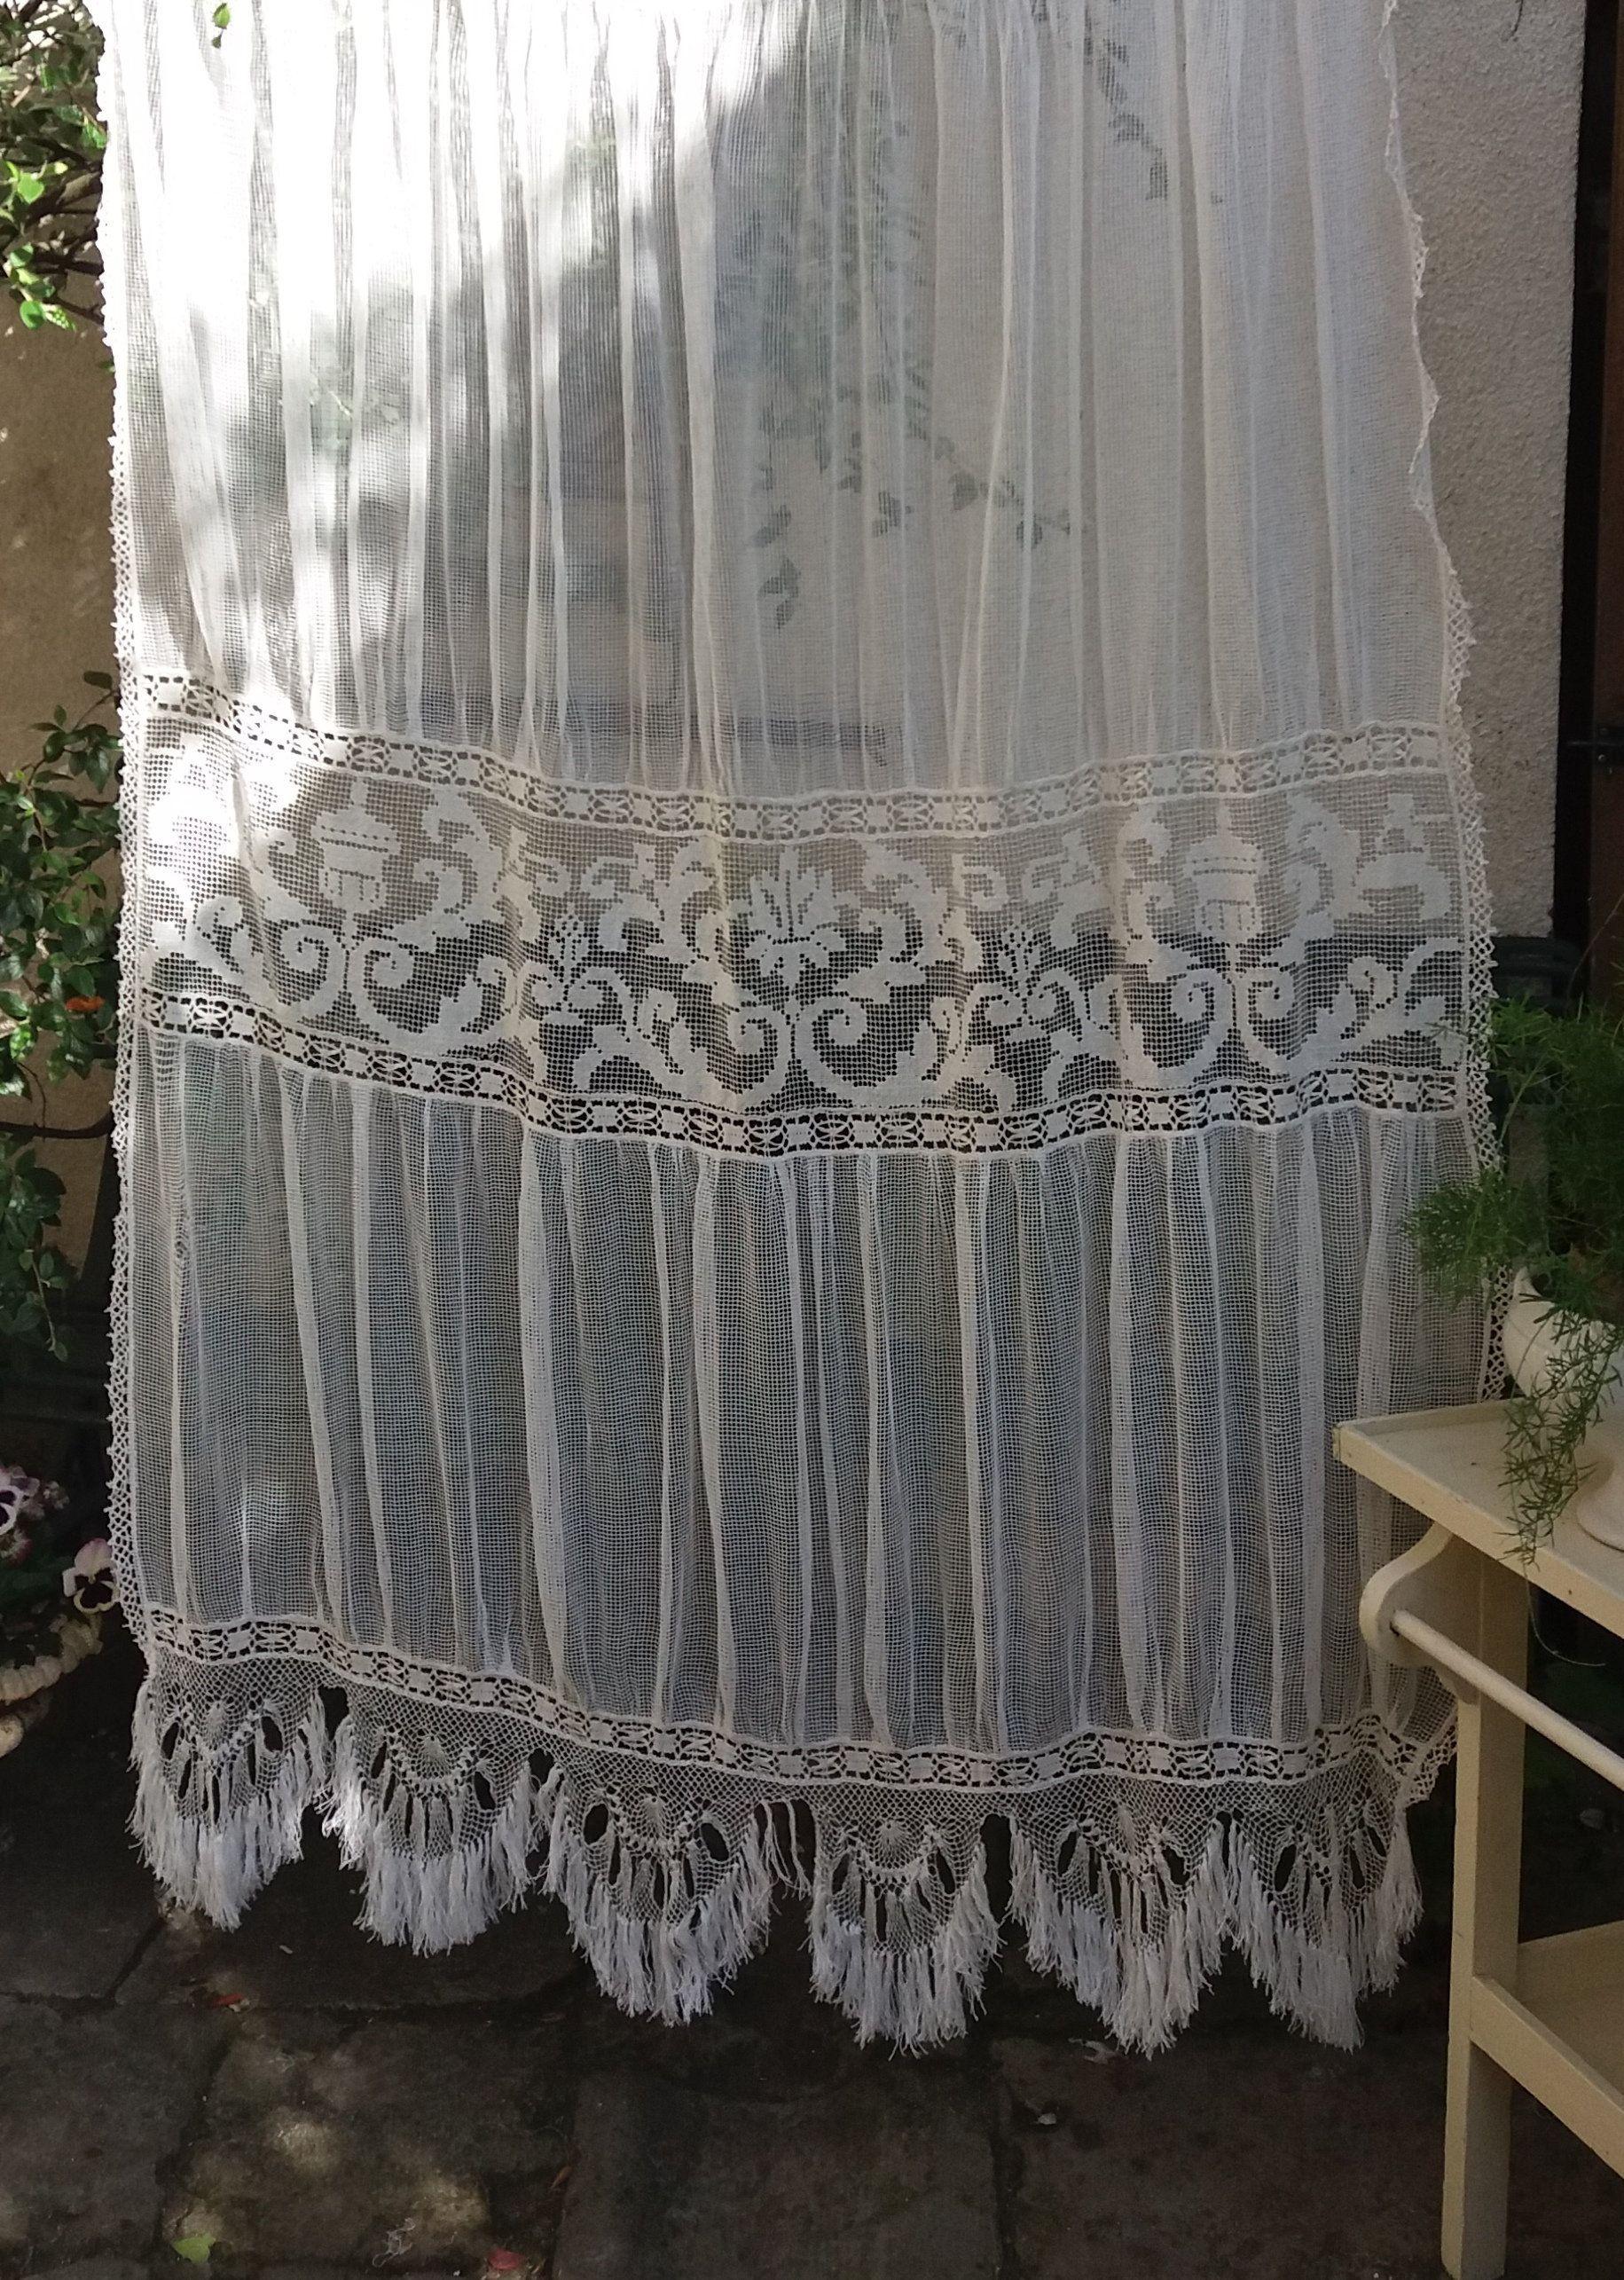 joli rideau ancien en filet et dentelle